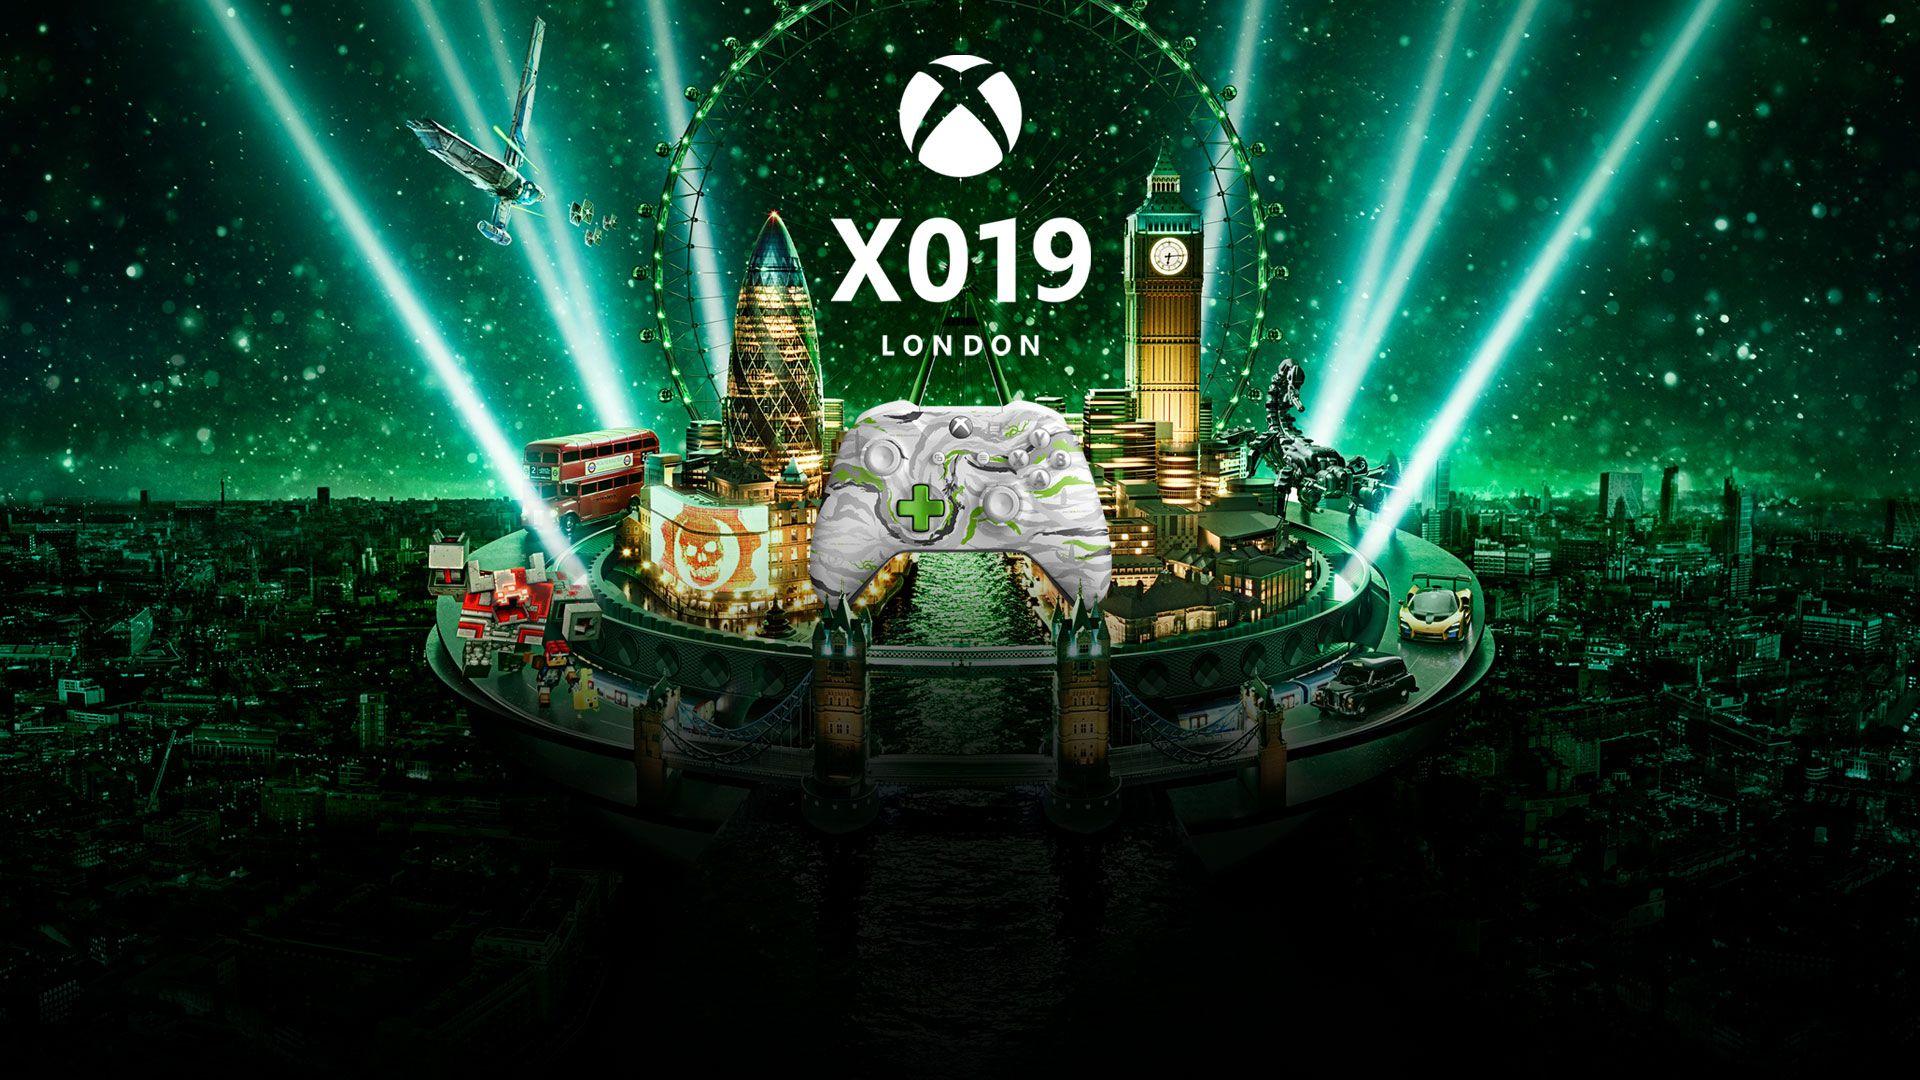 Microsoft annuncerà nuovi giochi per Xbox One e PC all'X019 FanFest - Everyeye Videogiochi